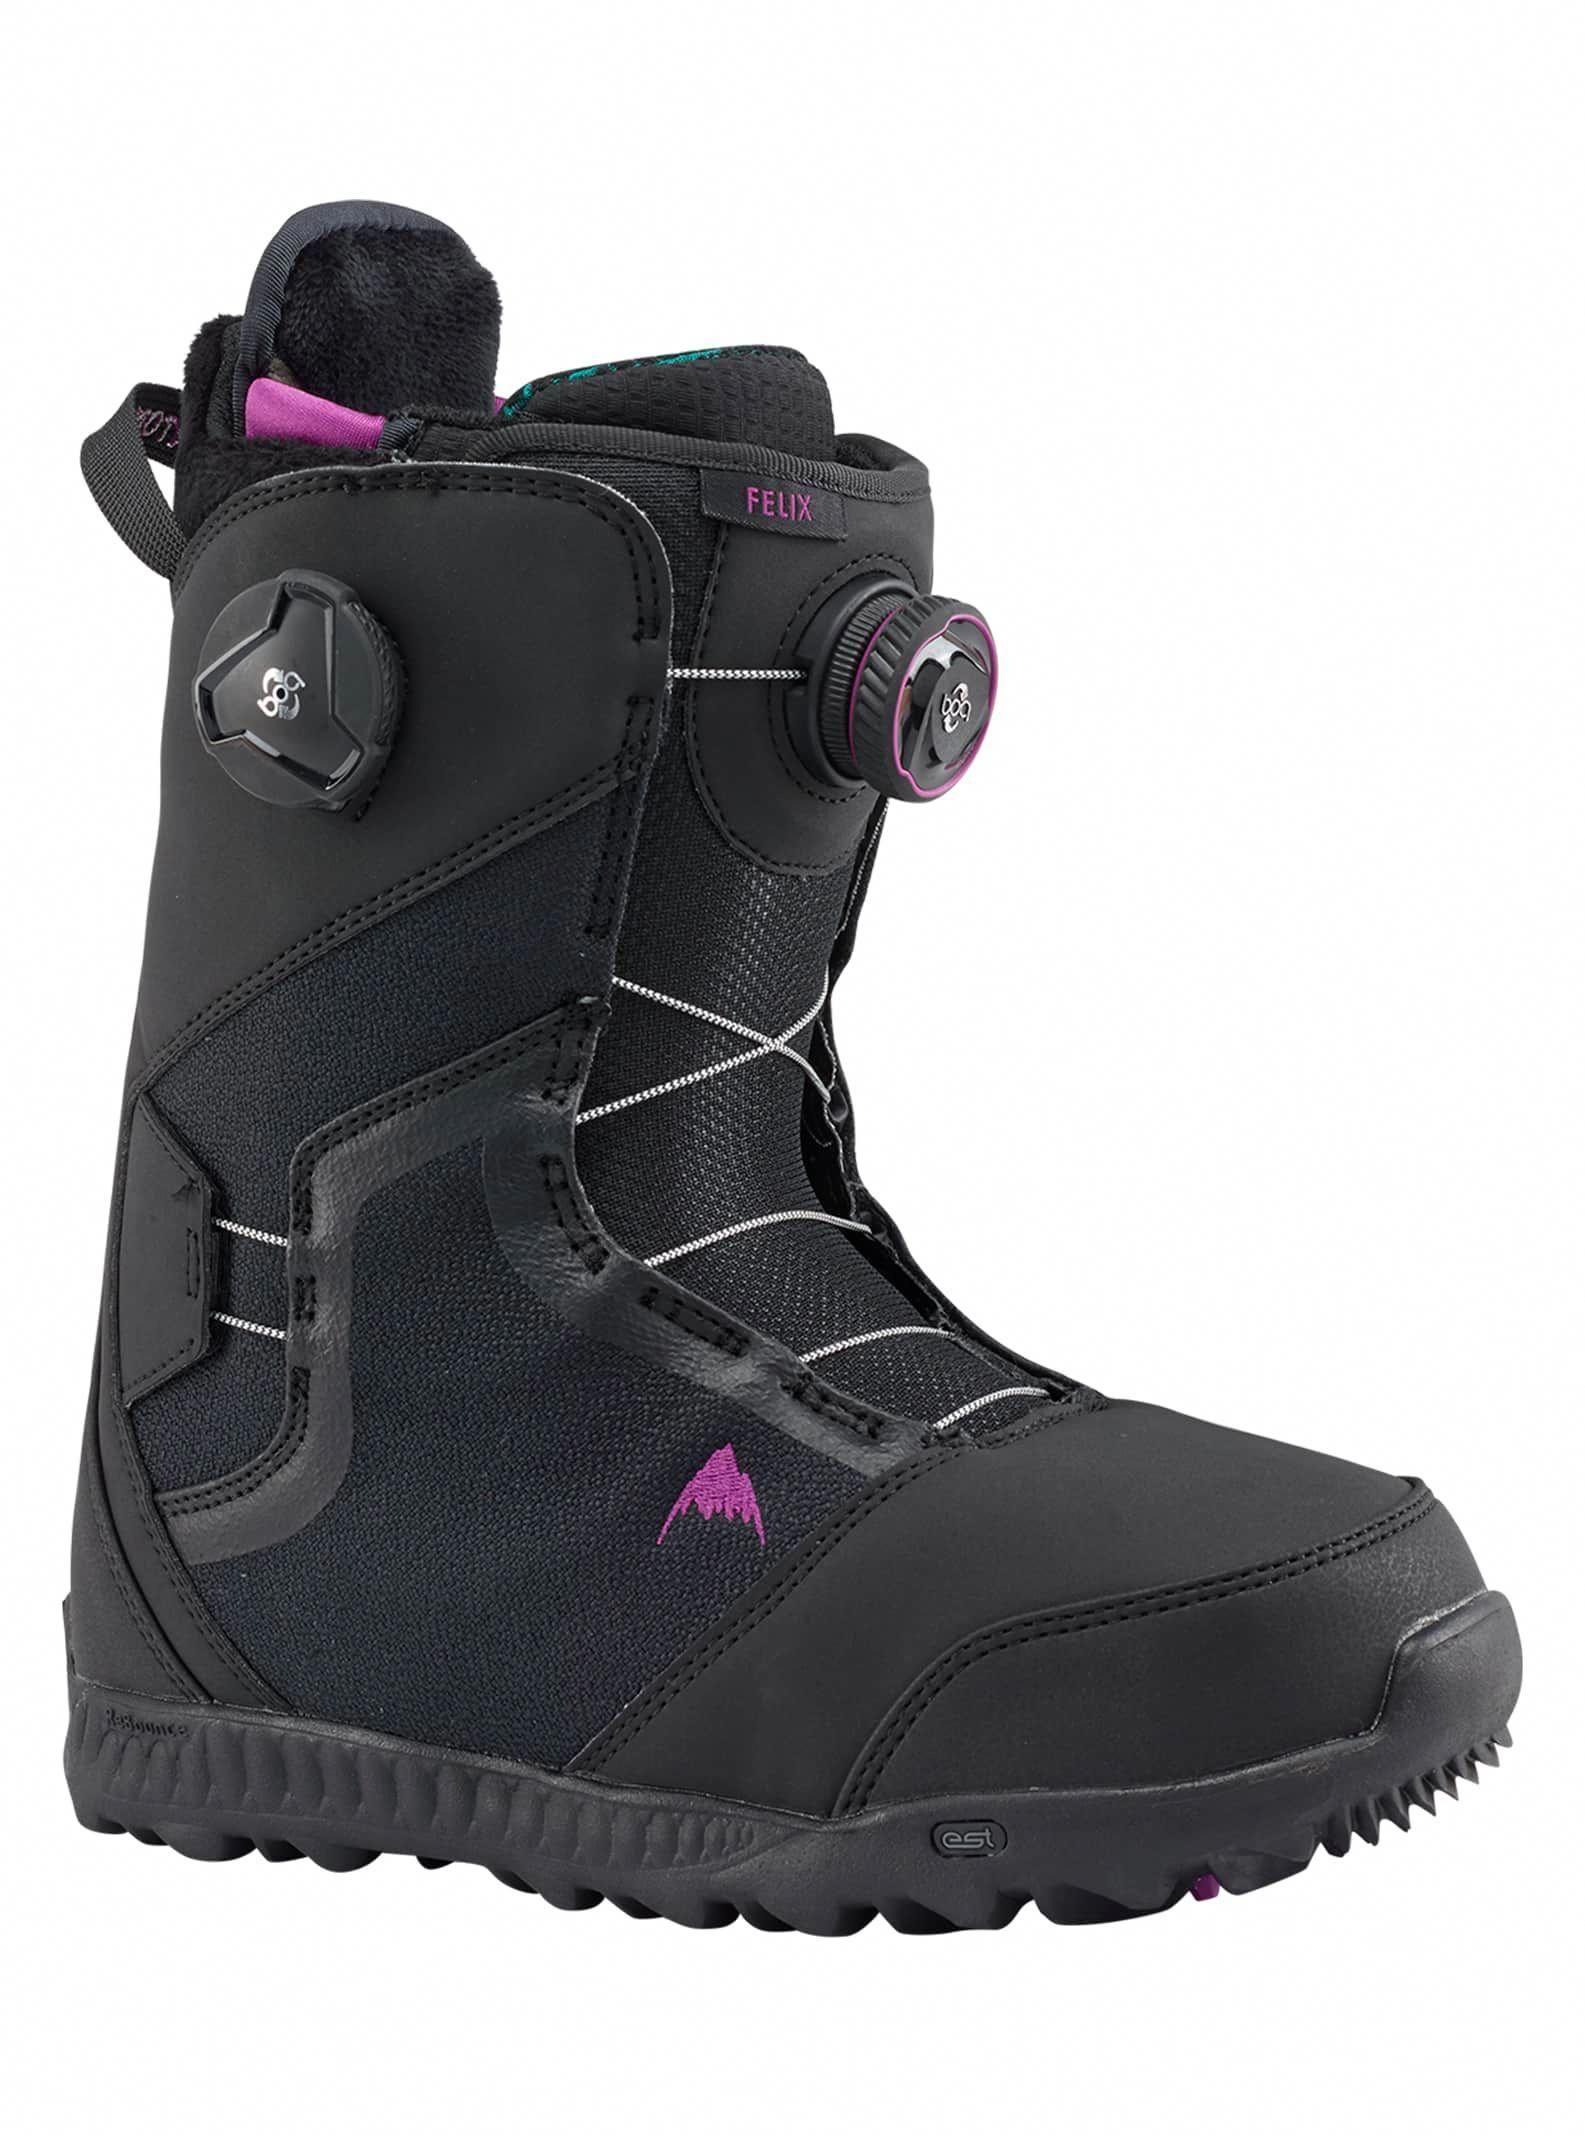 65ef27e0e58 Women s Burton Felix Boa® Snowboard Boot  Snow!!!